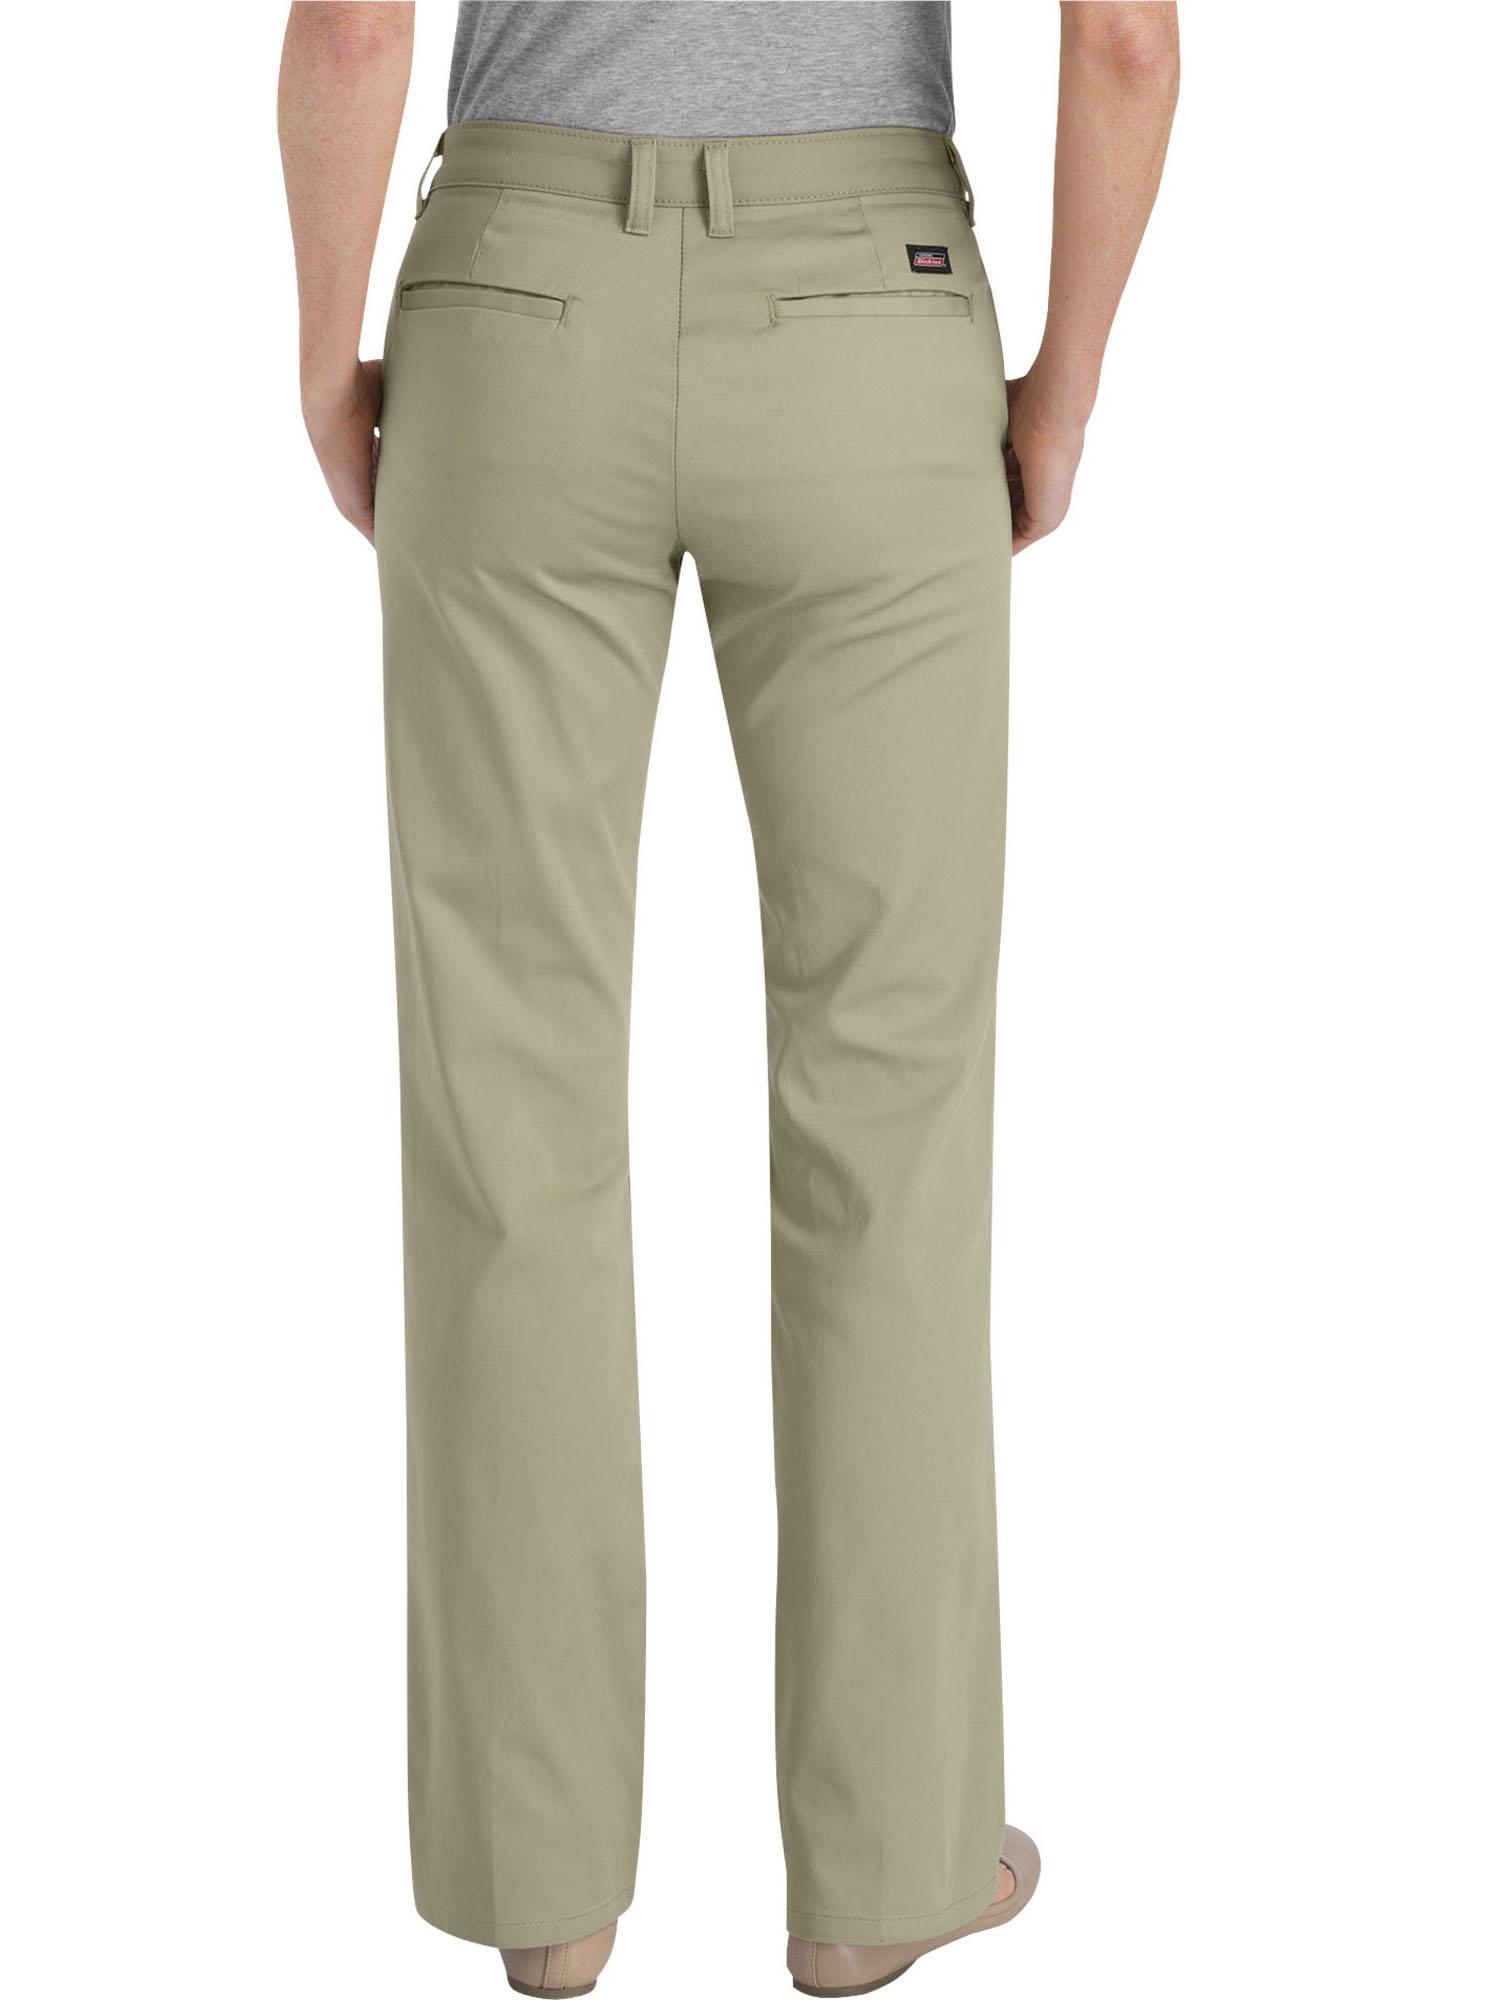 91104a1f455 Genuine Dickies - Women's Slim Fit Straight Leg Bootcut Stretch Twill Pants  - Walmart.com